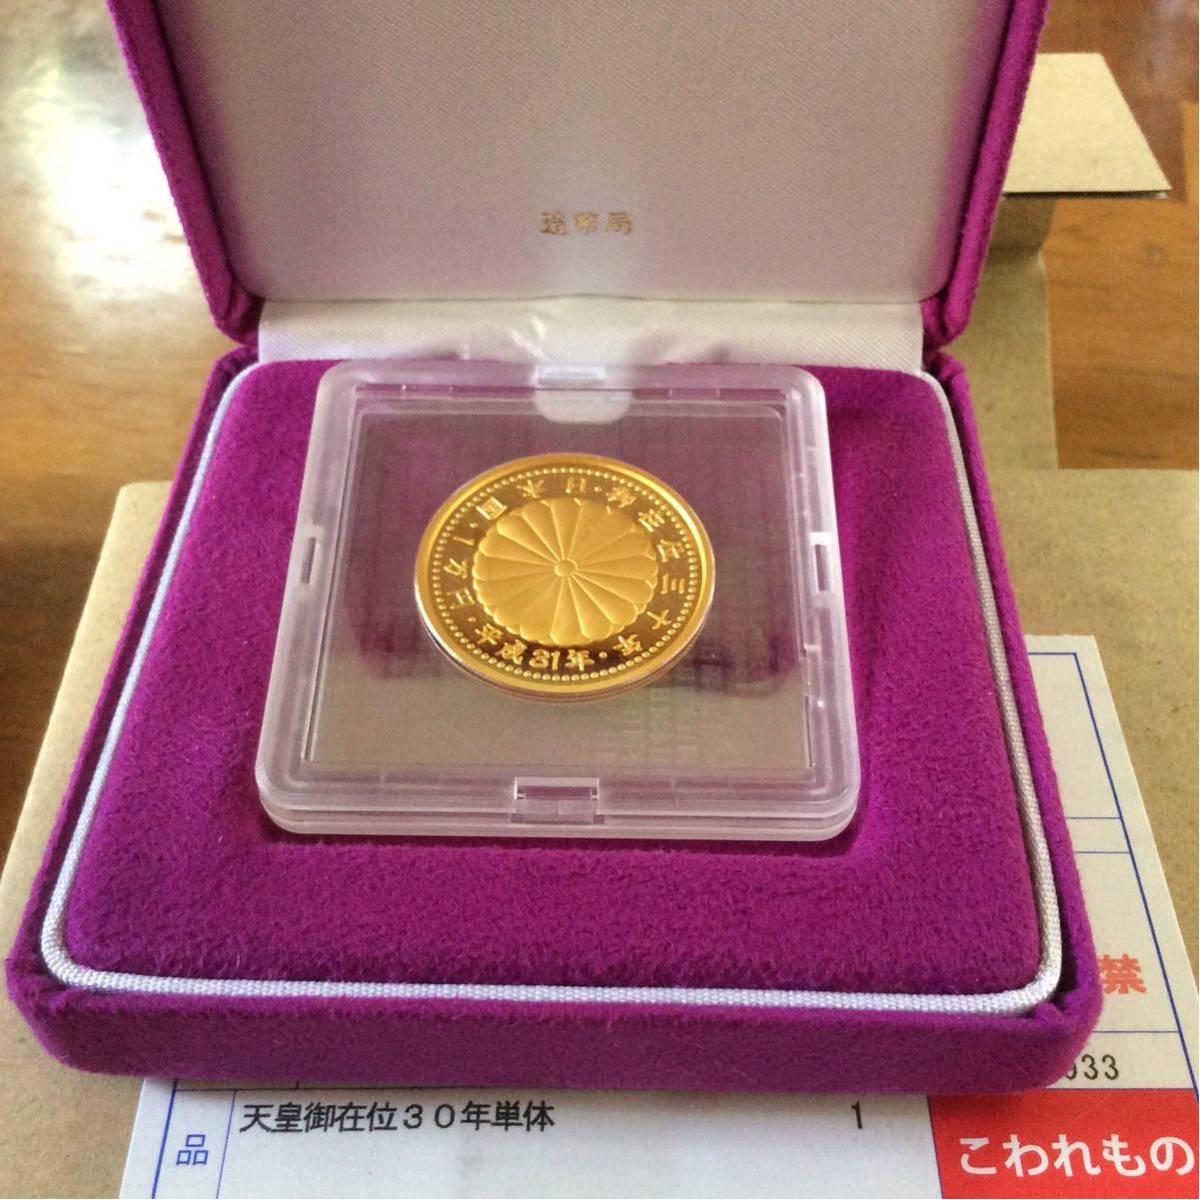 天皇陛下御在位30年記念金貨セットプルーフ貨幣セット一万円記念金貨セット_画像2